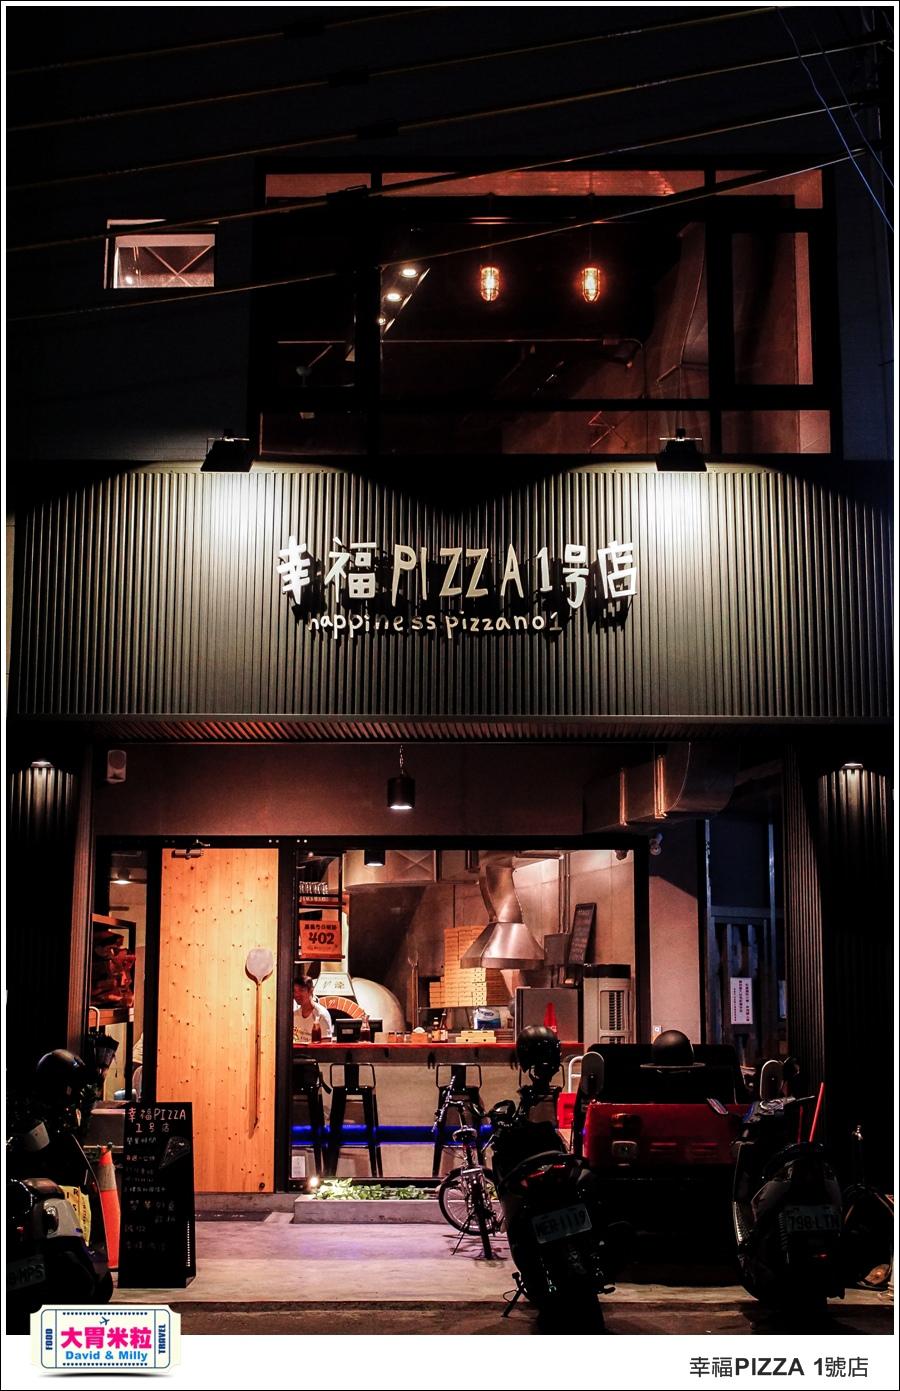 嘉義窯烤PIZZA推薦@幸福PIZZA1號店@大胃米粒001.jpg